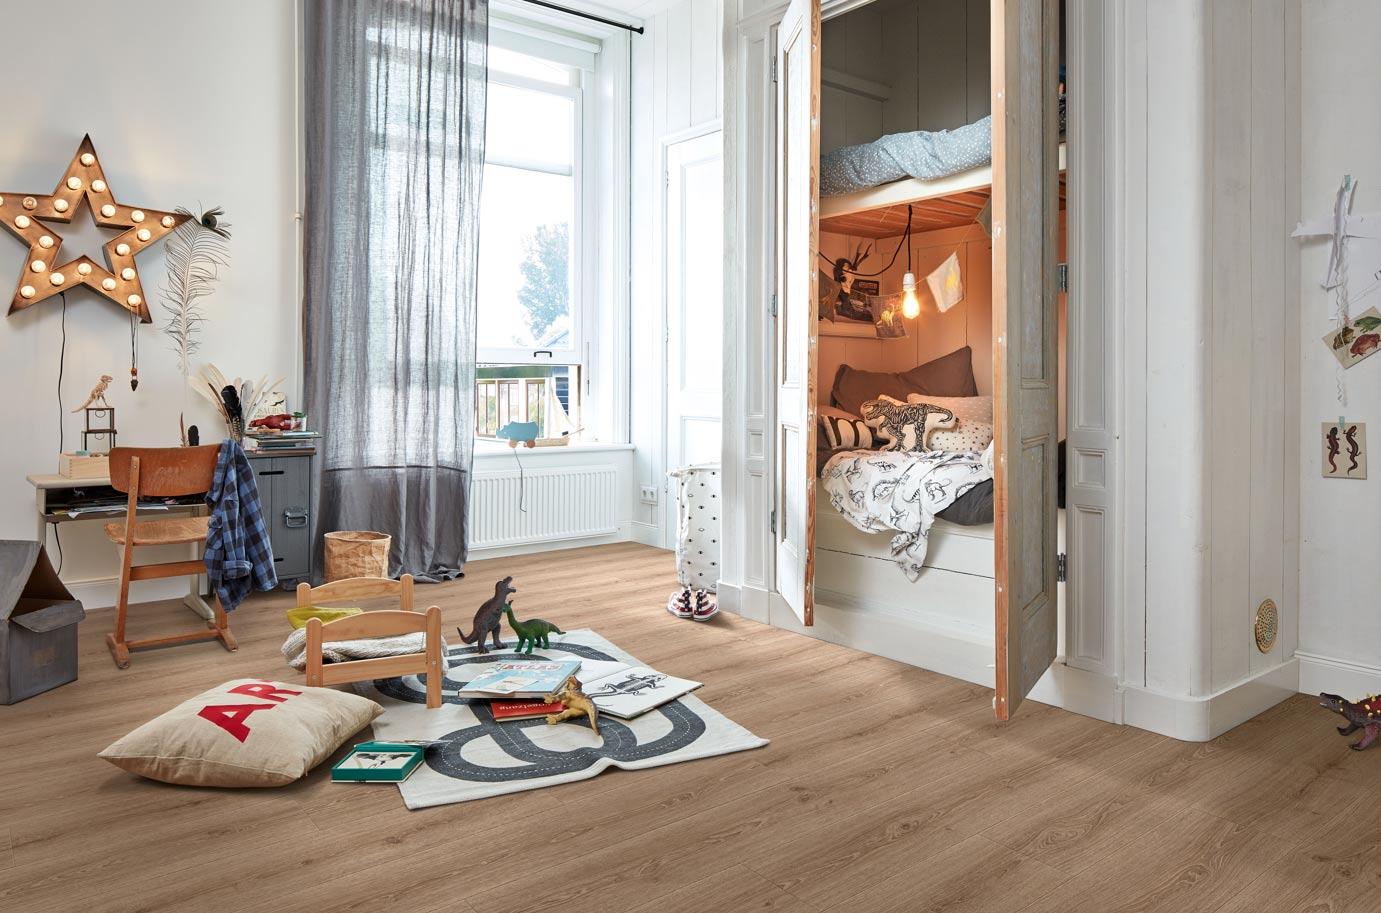 Vinylboden ohne Vinyl | MeisterDesign. comfort | Designböden bei Holz-Hauff in Leingarten